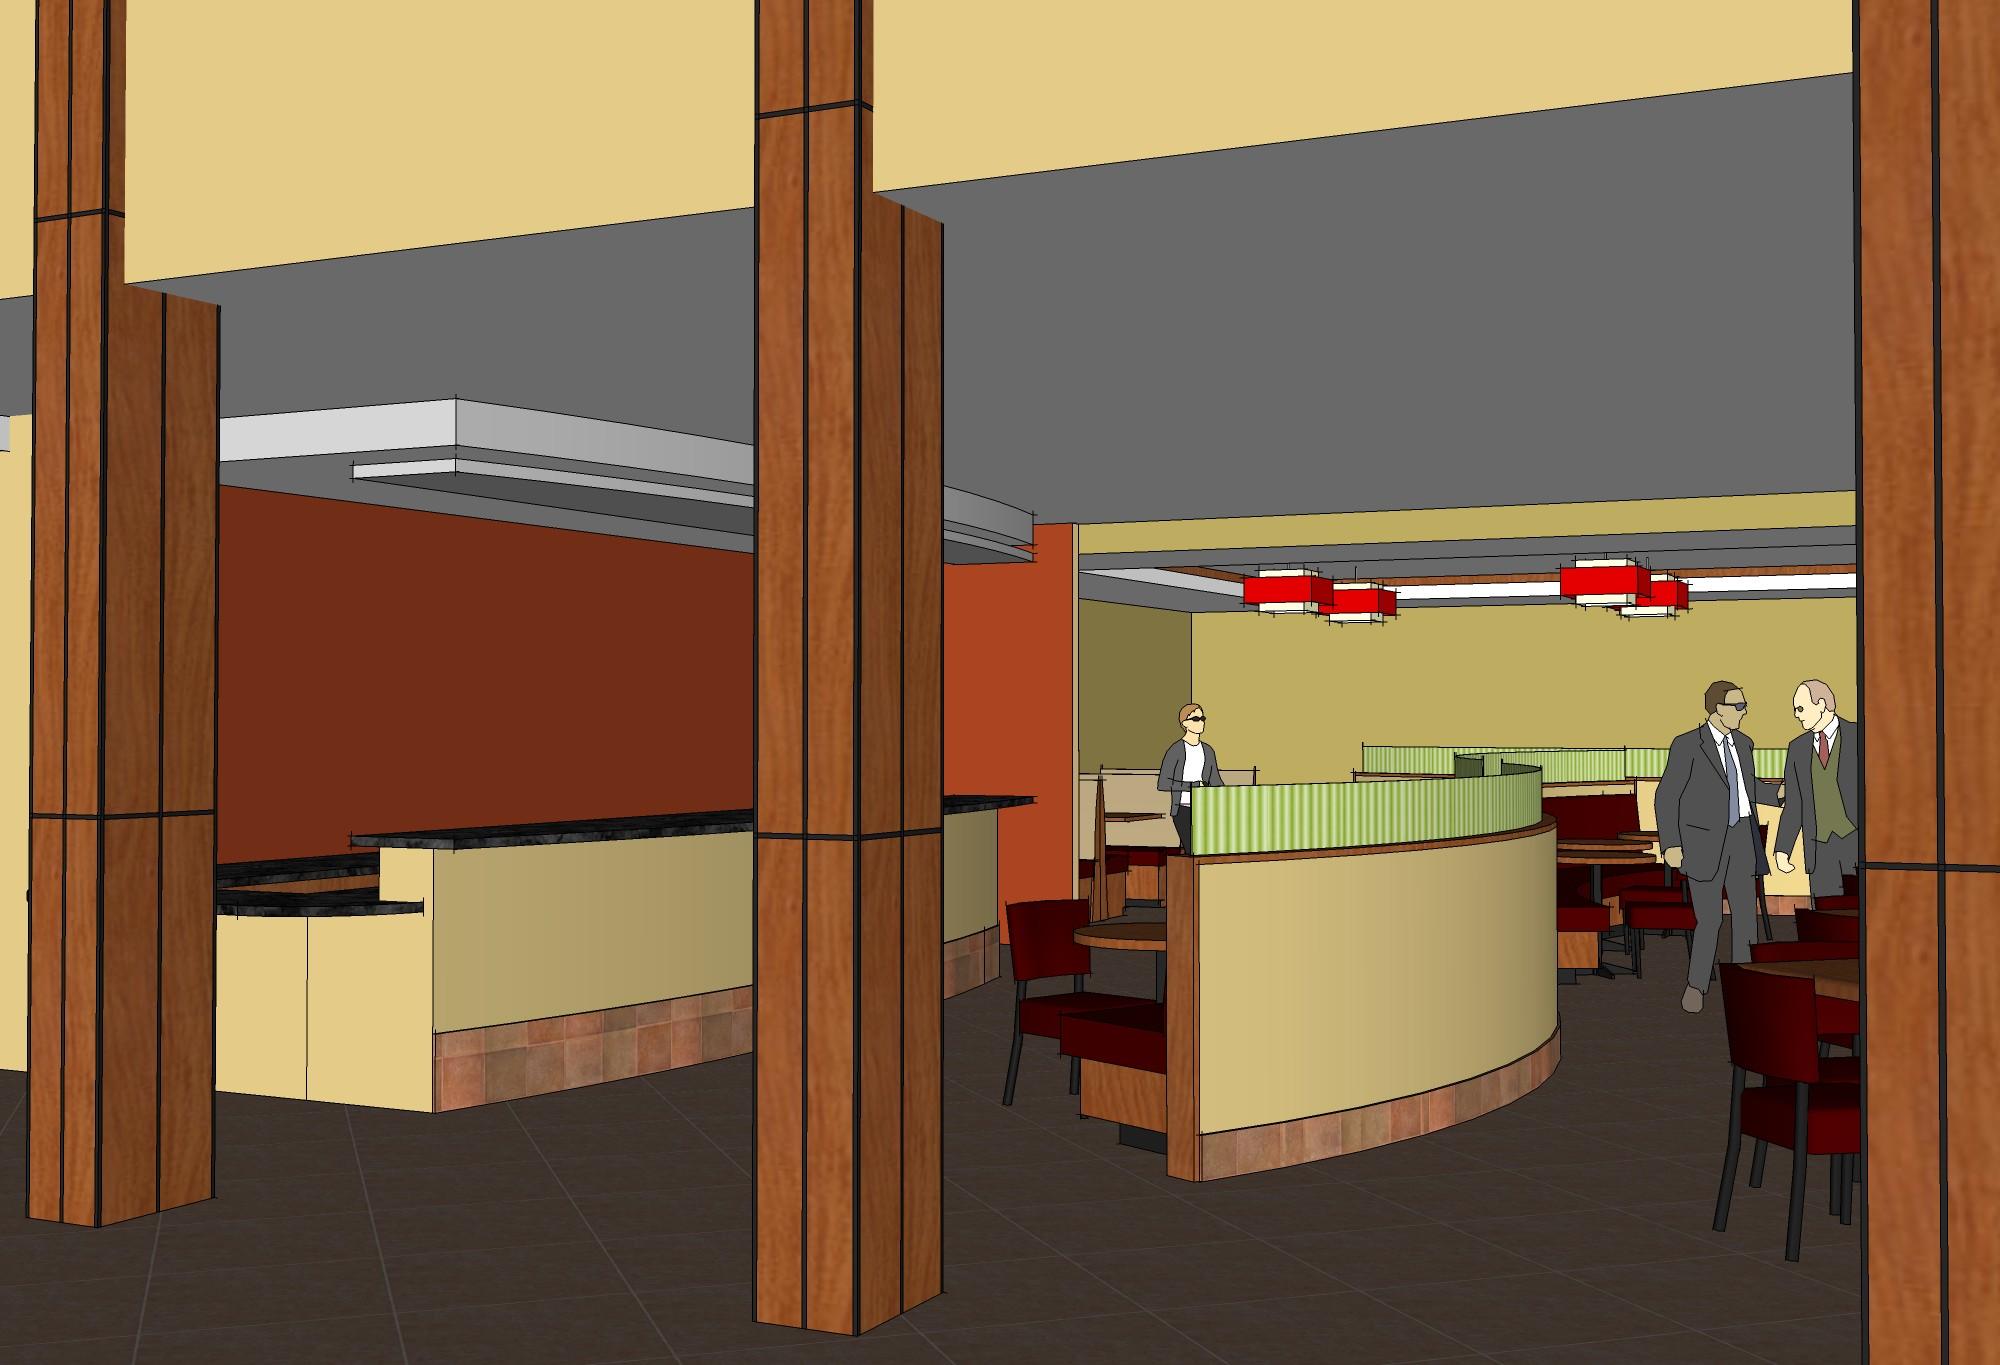 Holiday Inn NE_Interior 7.jpg